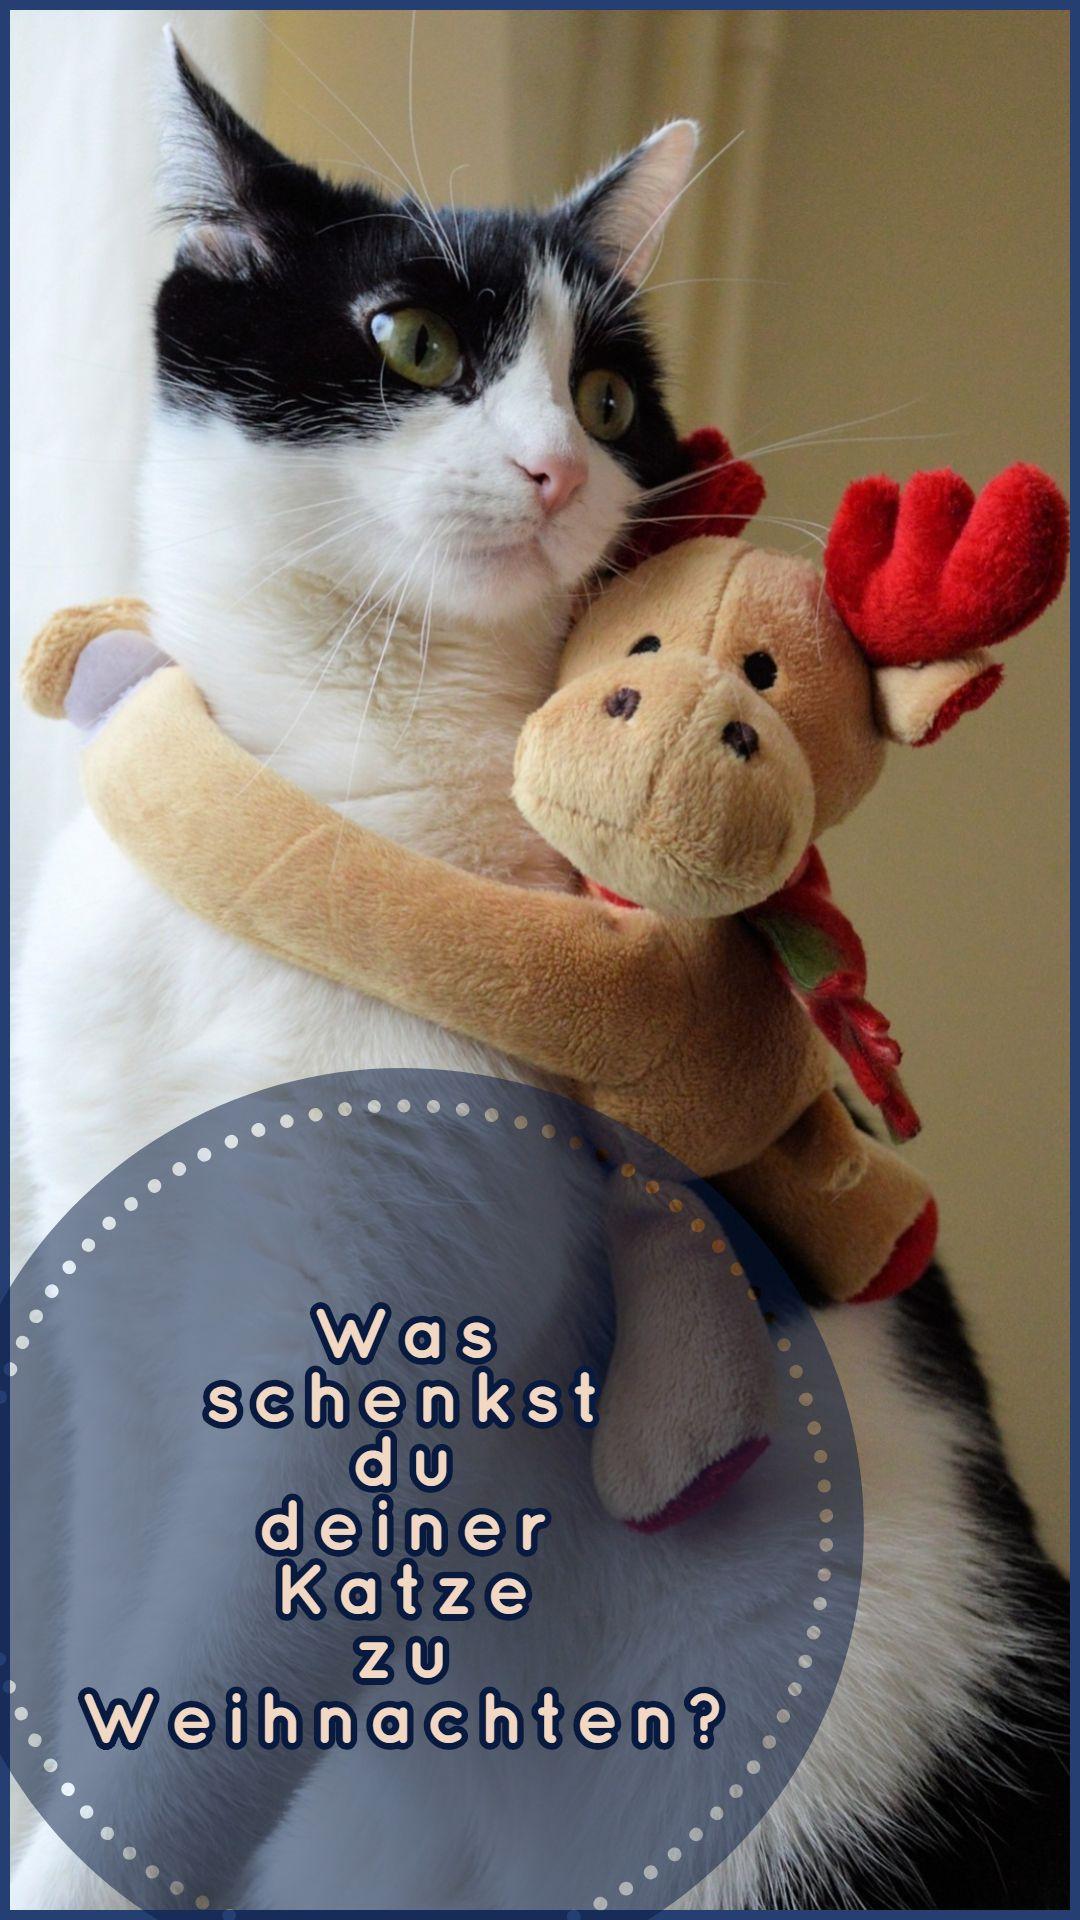 Wunderbare Weihnachtsgeschenke Für Katzen Katzen Cats Crochet Hats